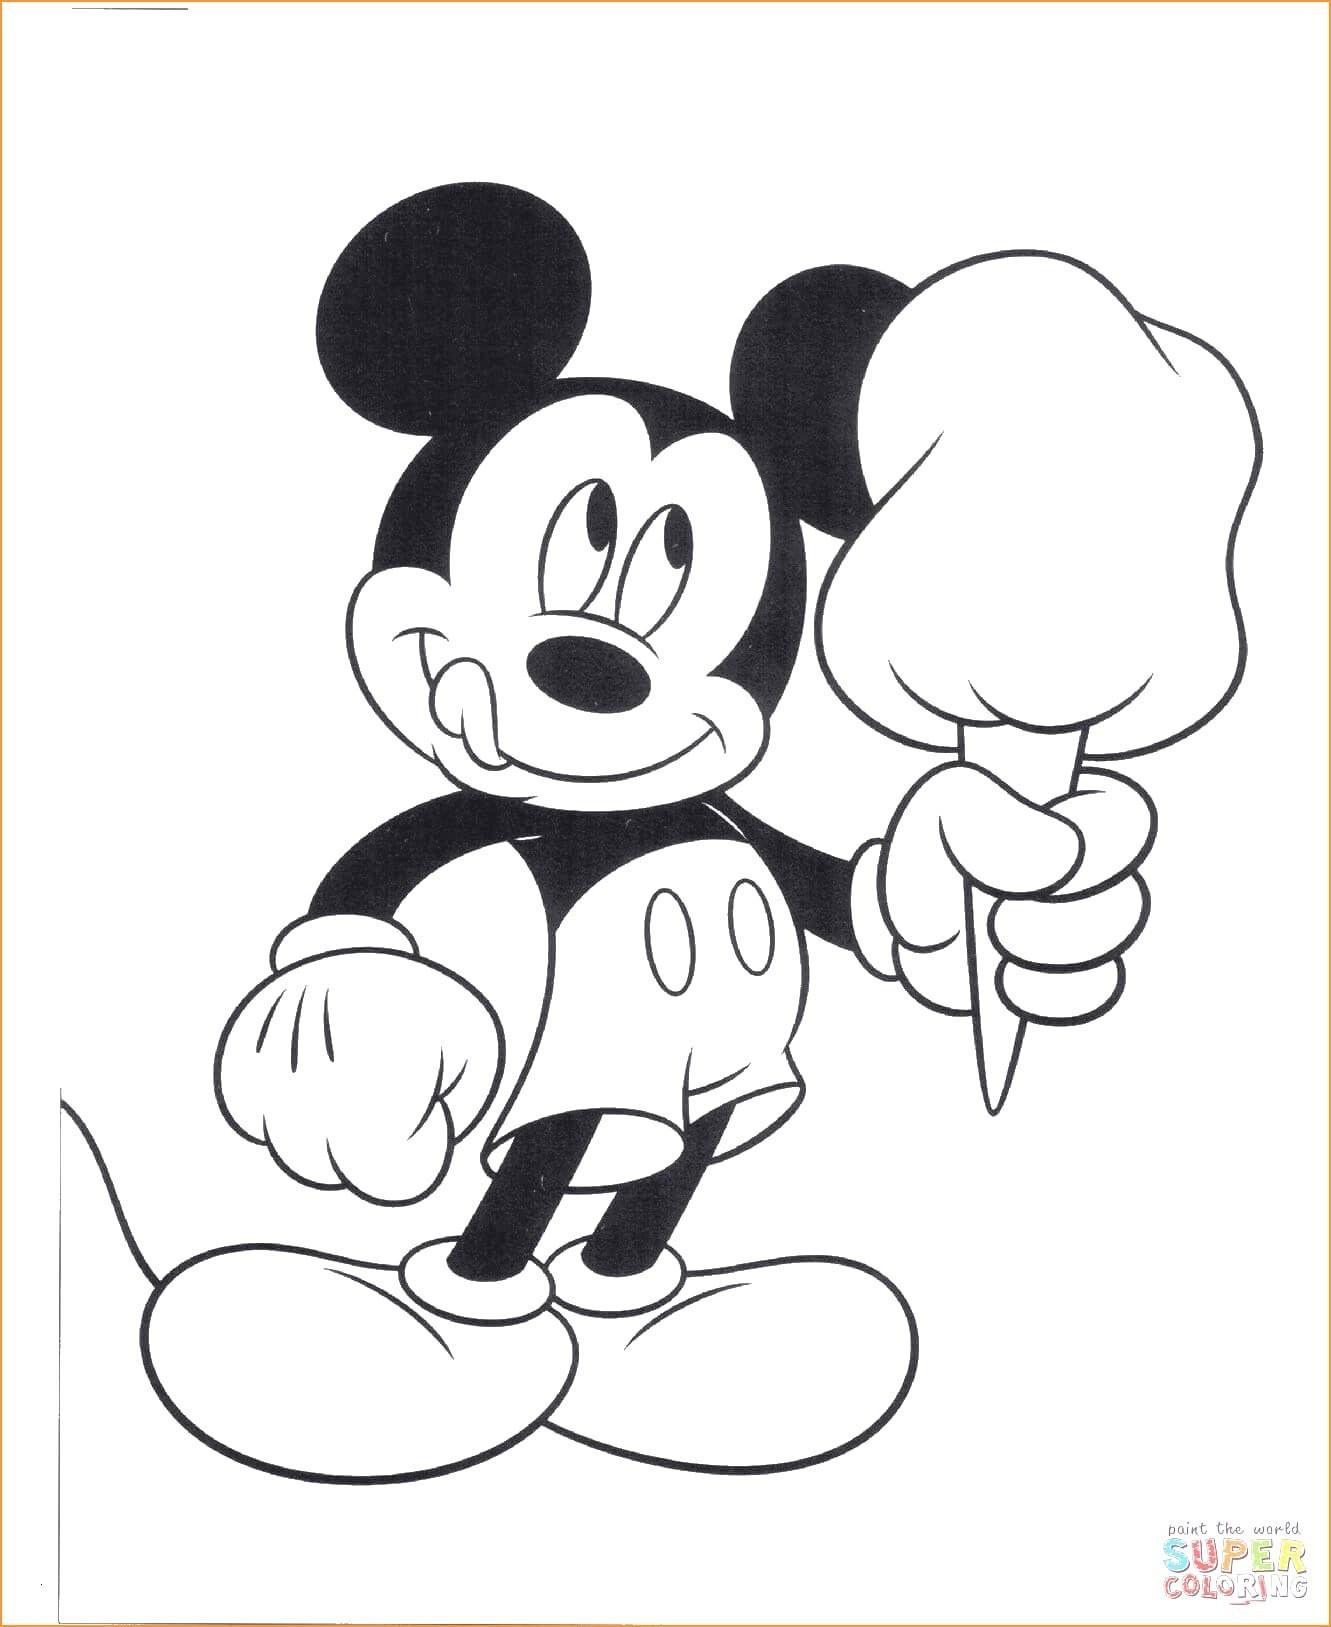 Ausmalbilder Minnie Maus Genial Bayern Ausmalbilder Frisch Igel Grundschule 0d Archives Luxus Mickey Sammlung